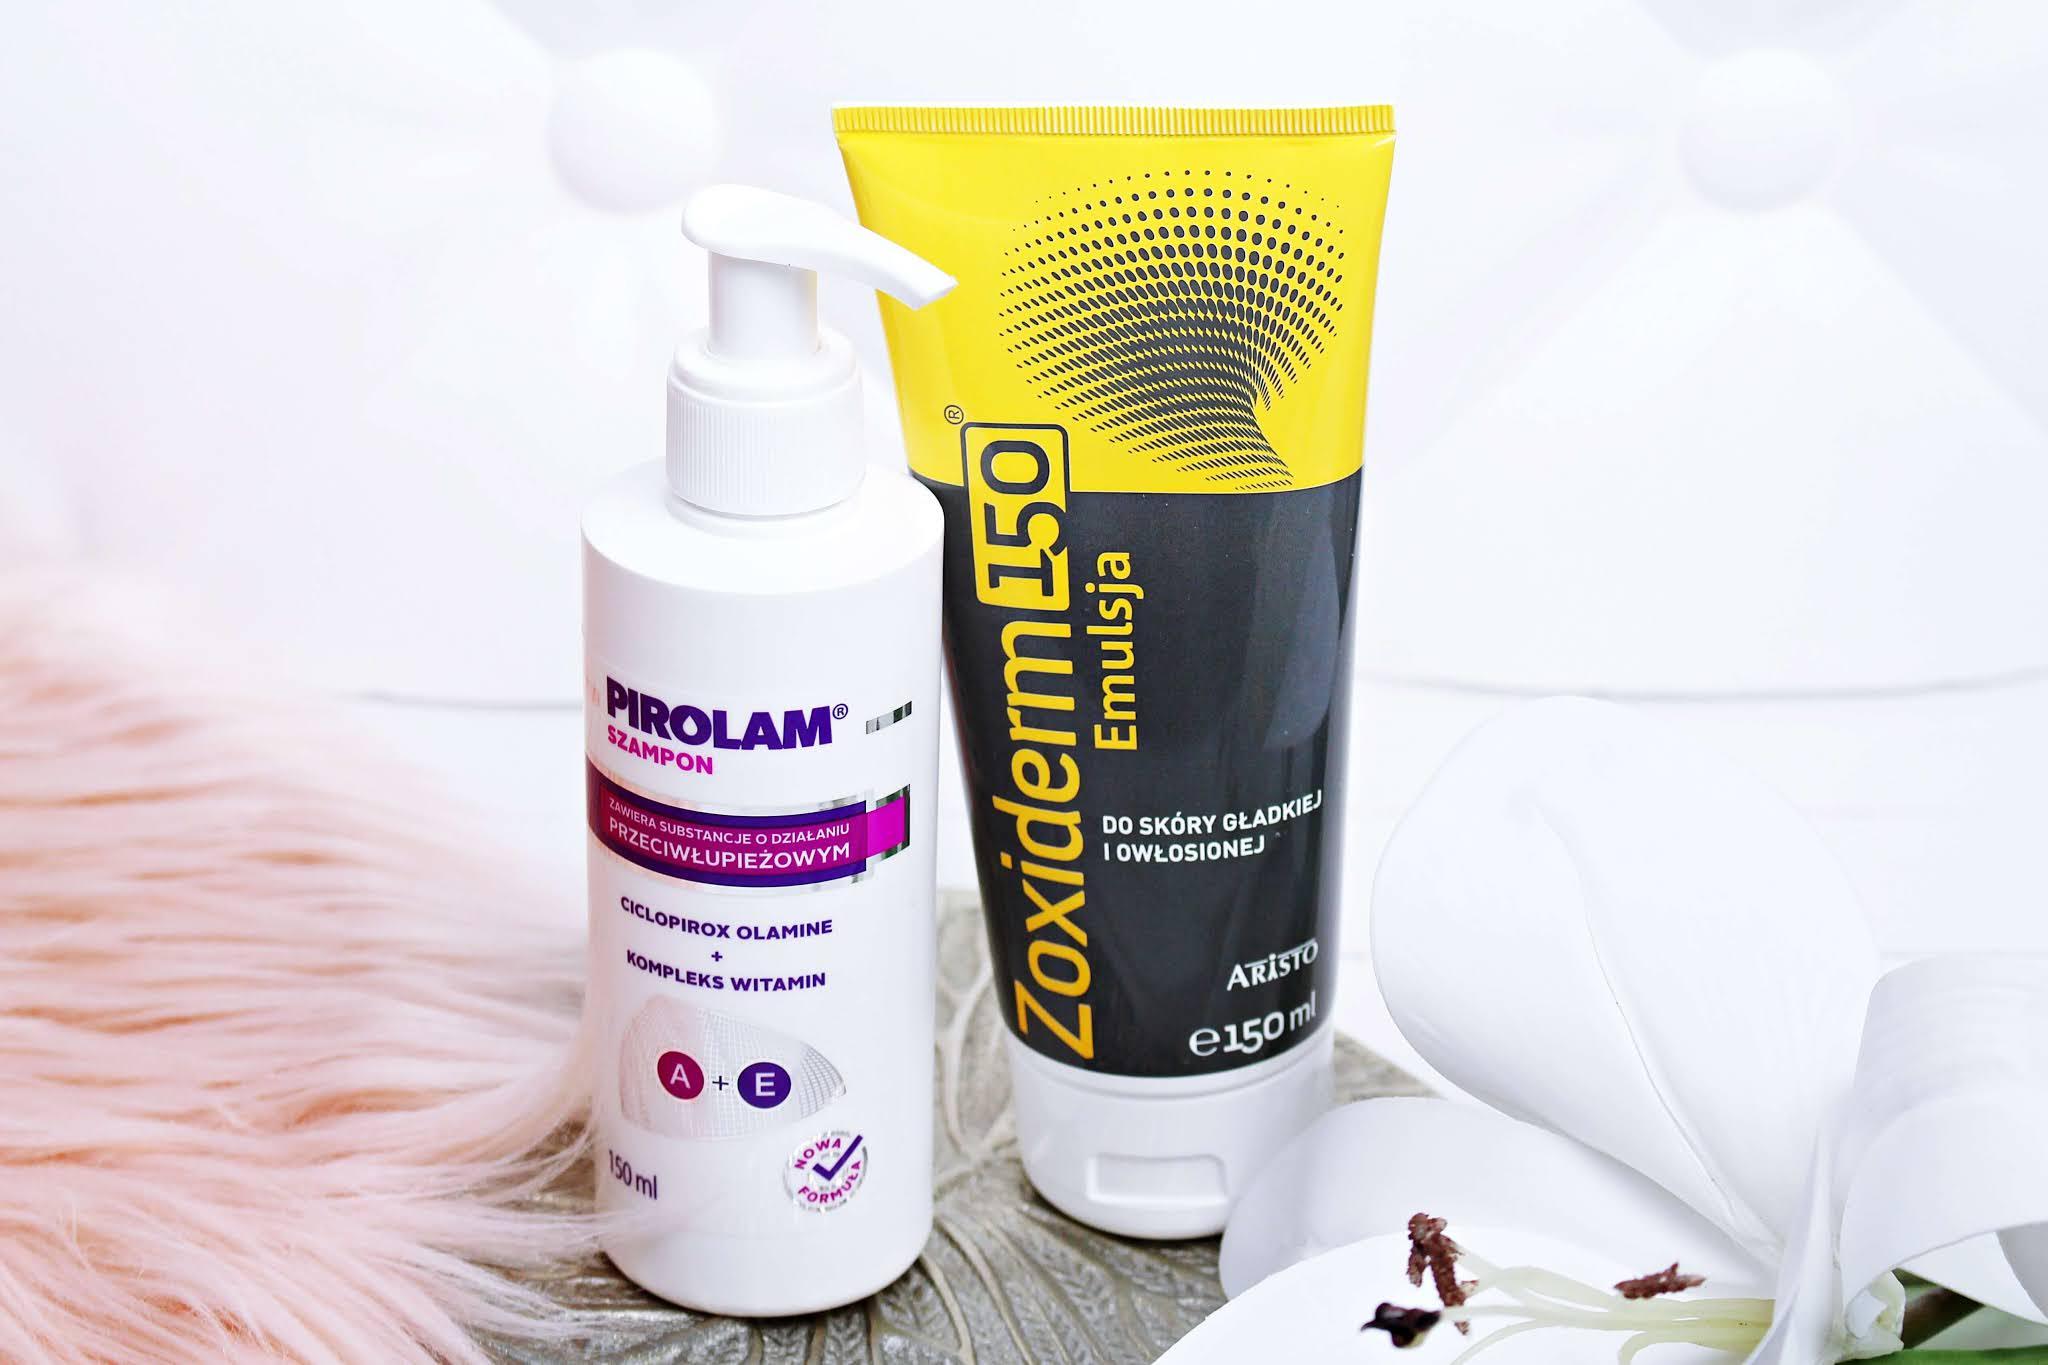 Jak pozbyć się łupieżu? Szampon przeciwłupieżowy Pirolam + Emulsja przeciwłupieżowa do skóry głowy Zoxiderm